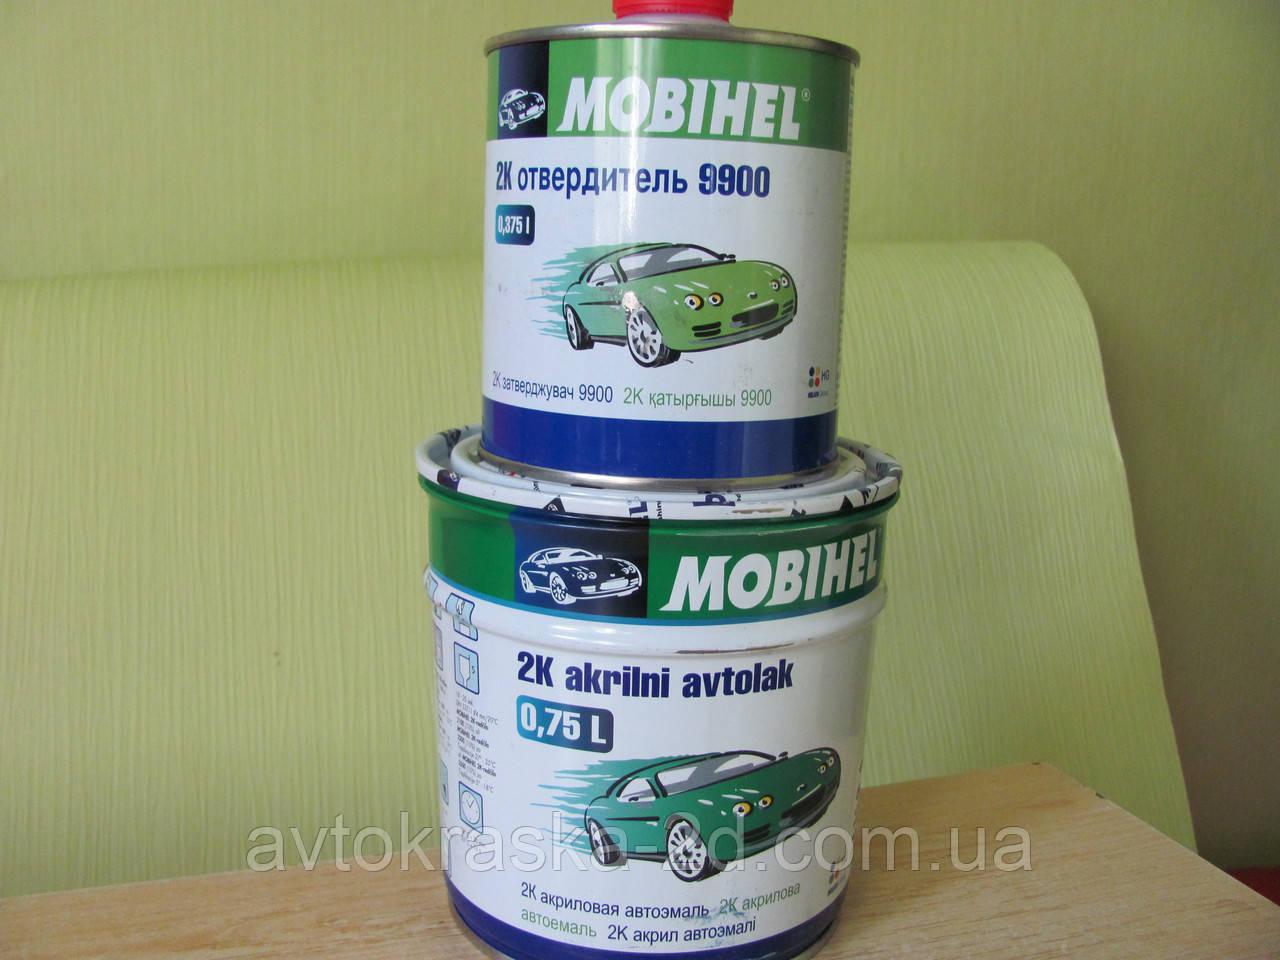 Акриловая автокраска MOBIHEL Монте-карло № 403 (0,75 л) + отвердитель 9900 0,375 л